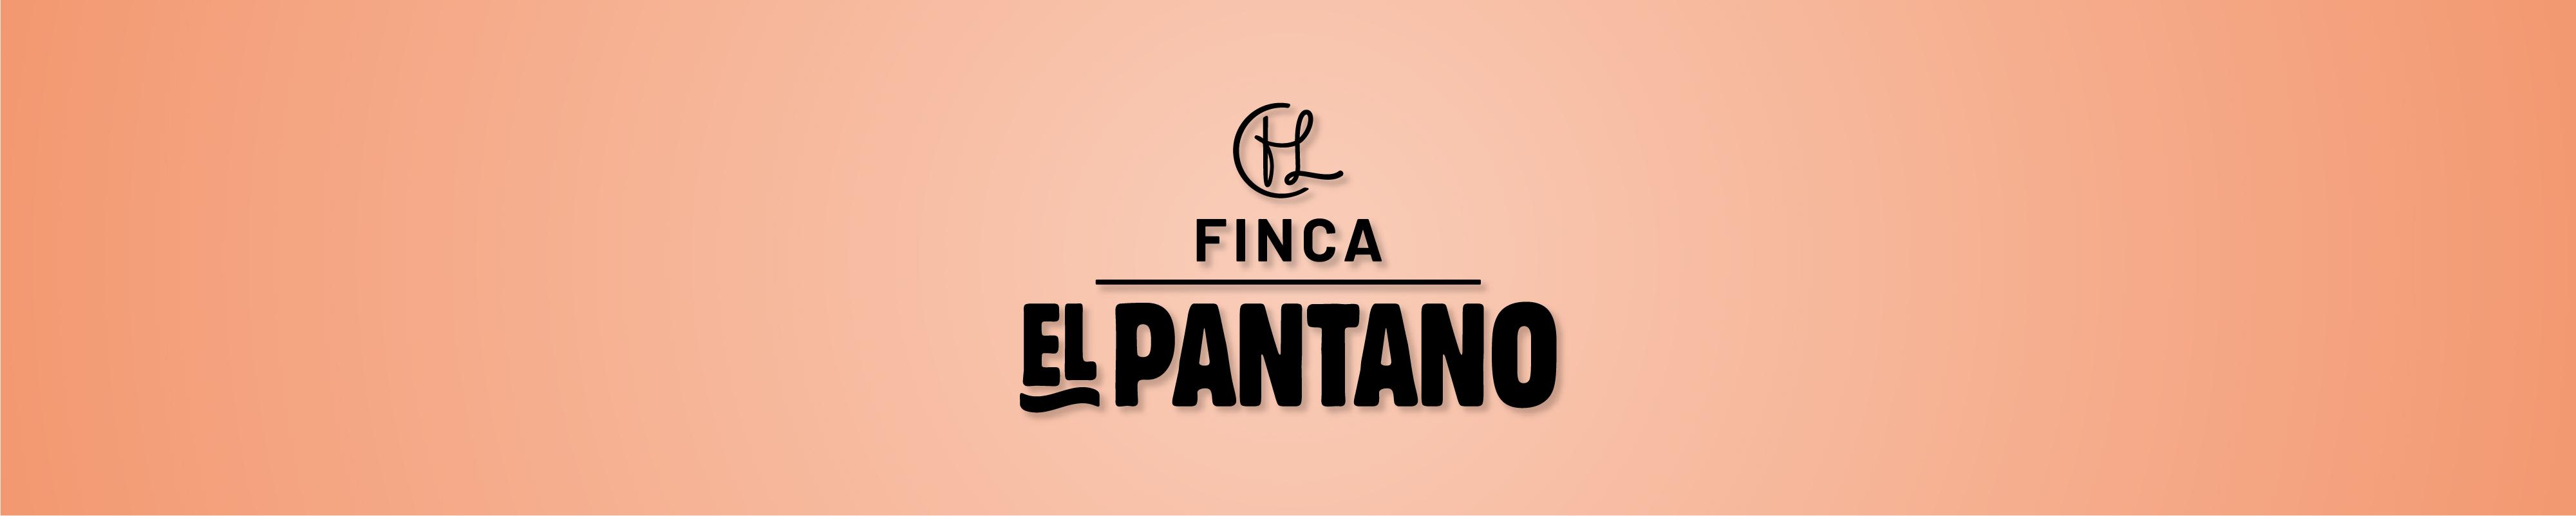 Logotipo Finca el pantano